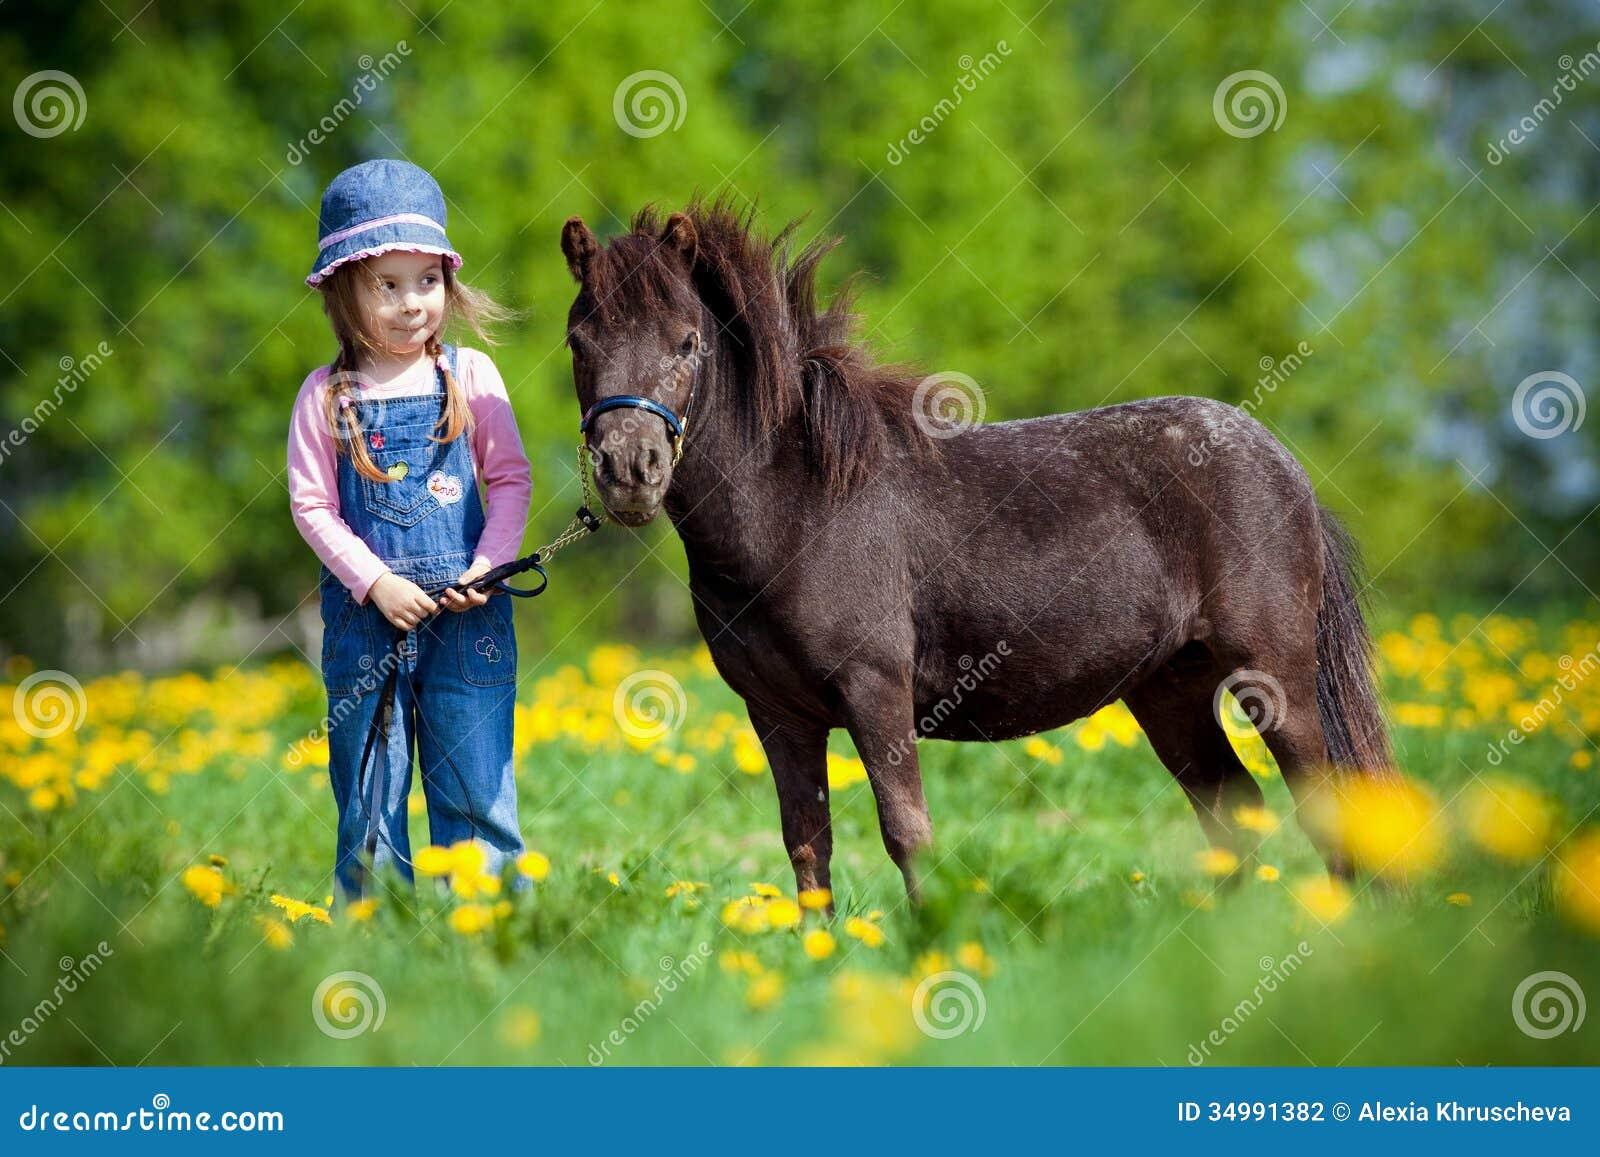 Pferd Und Kind